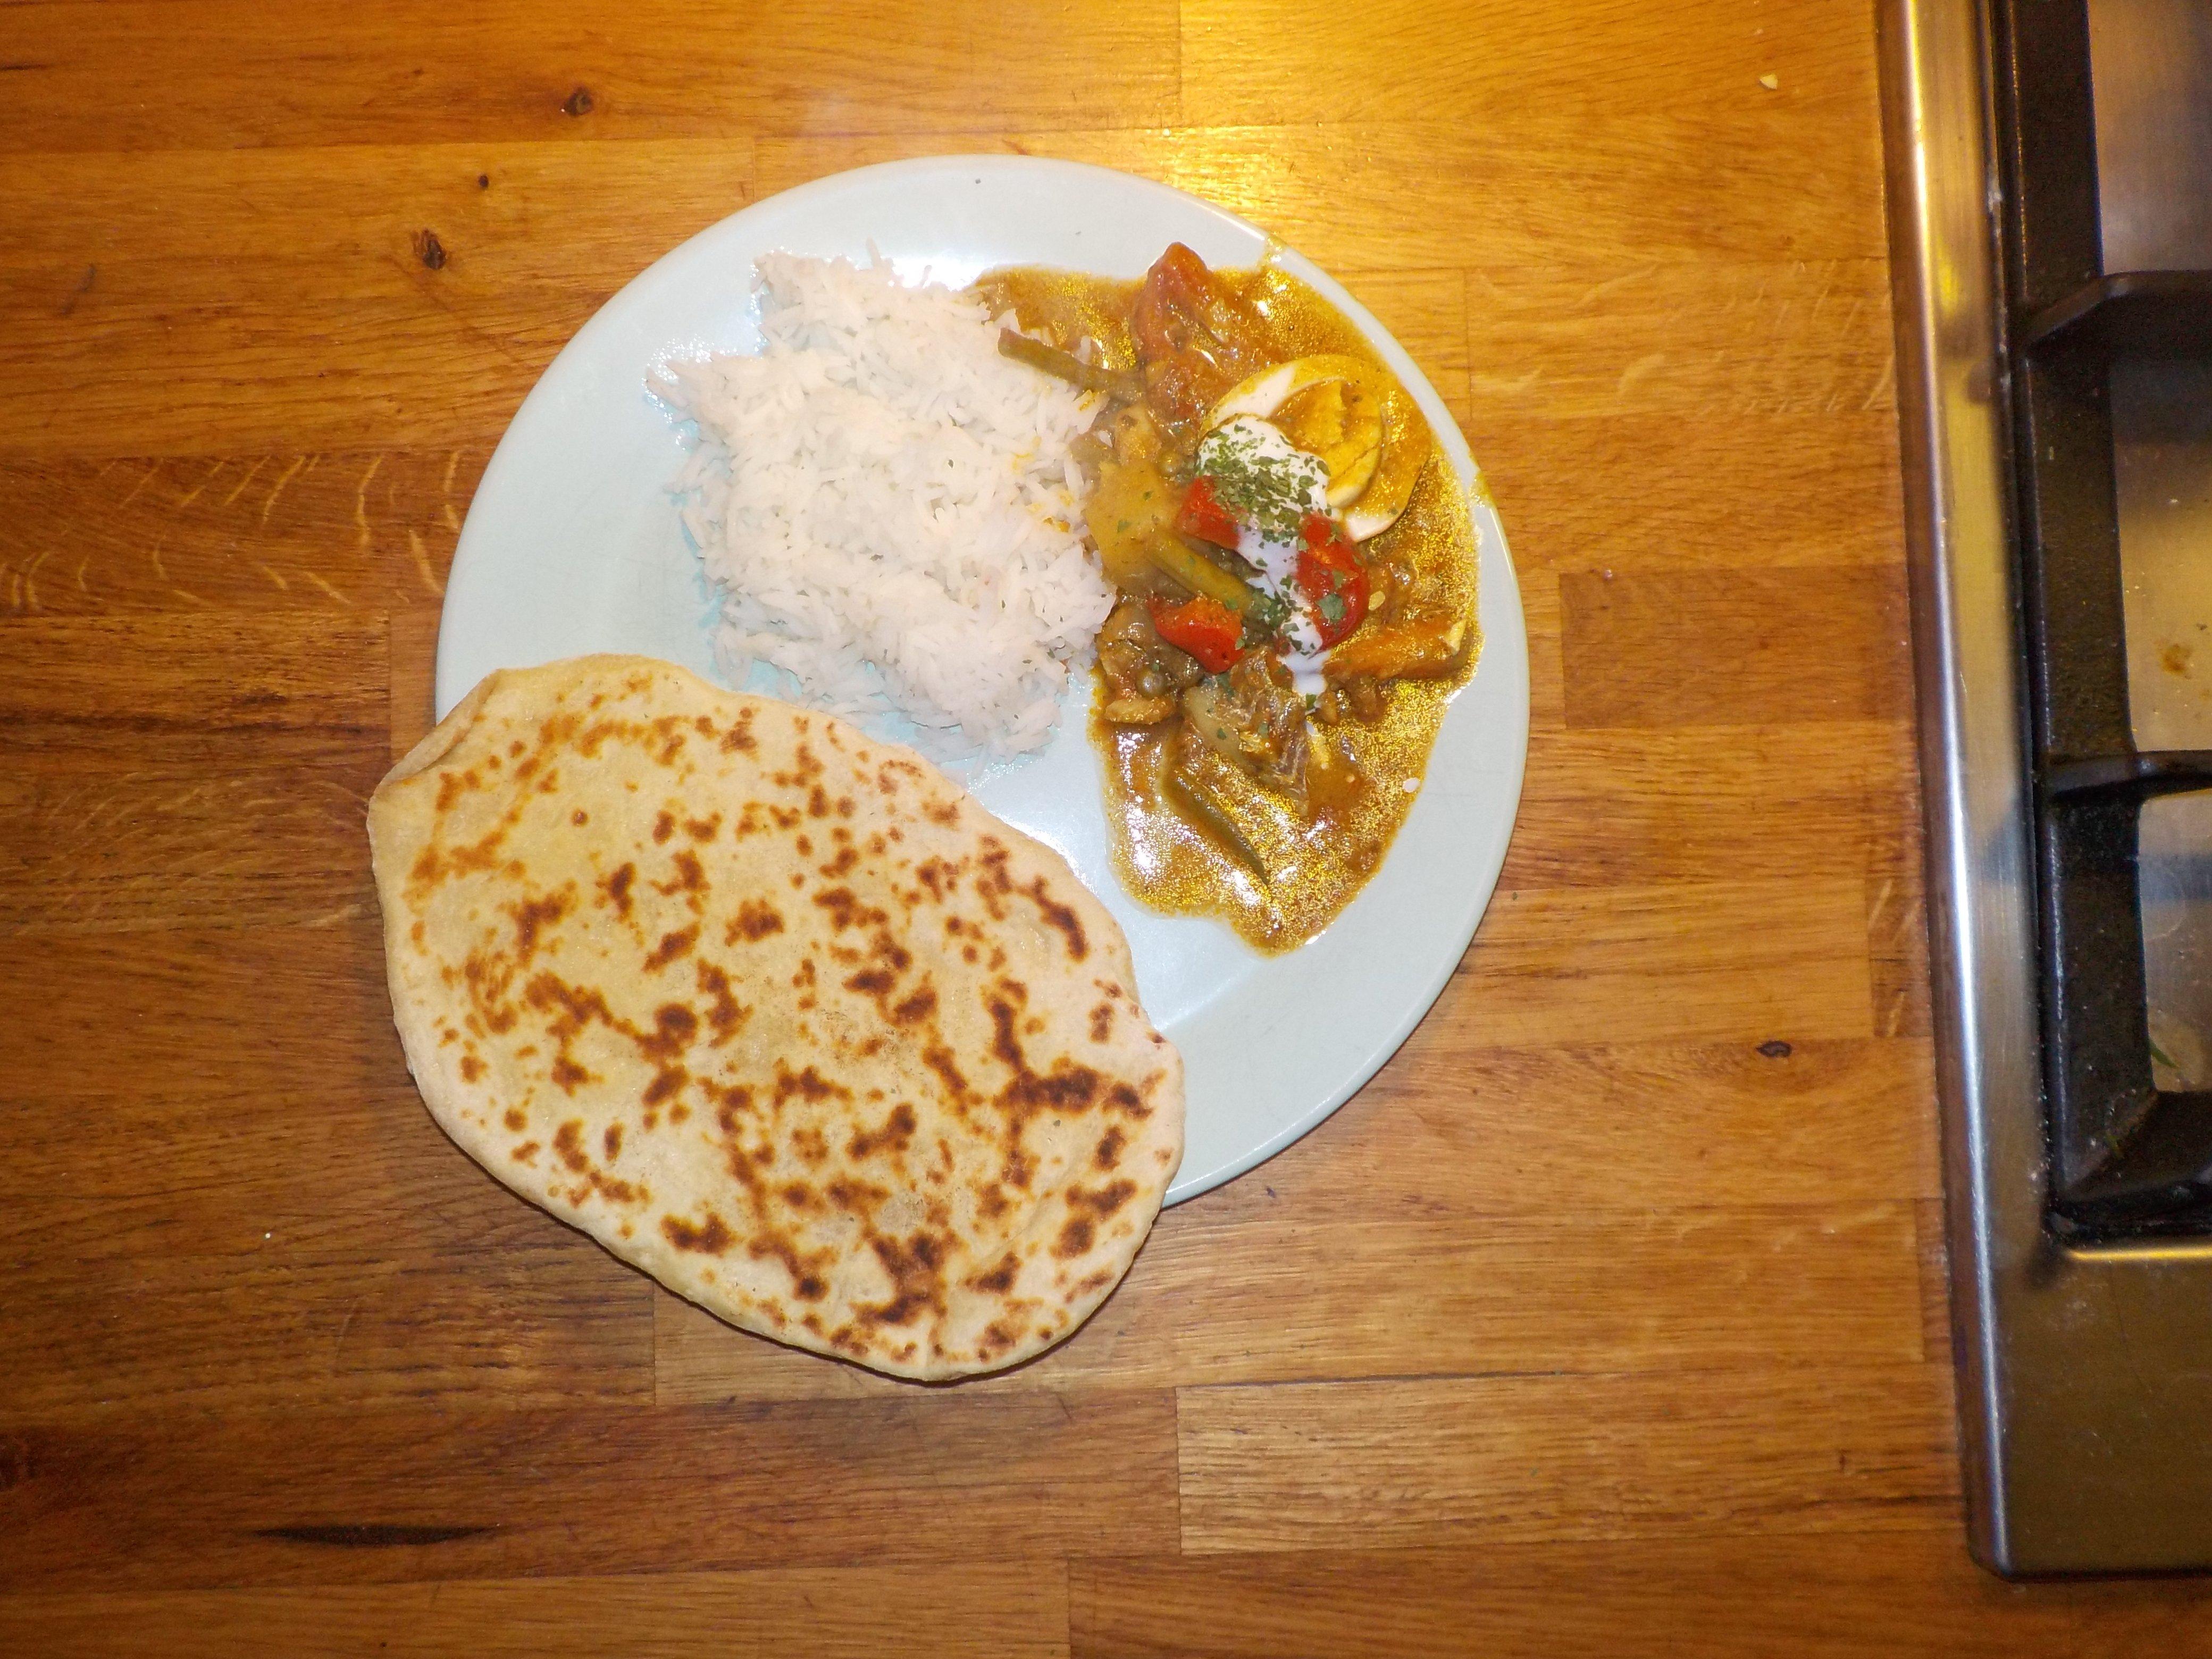 Recepten uit India